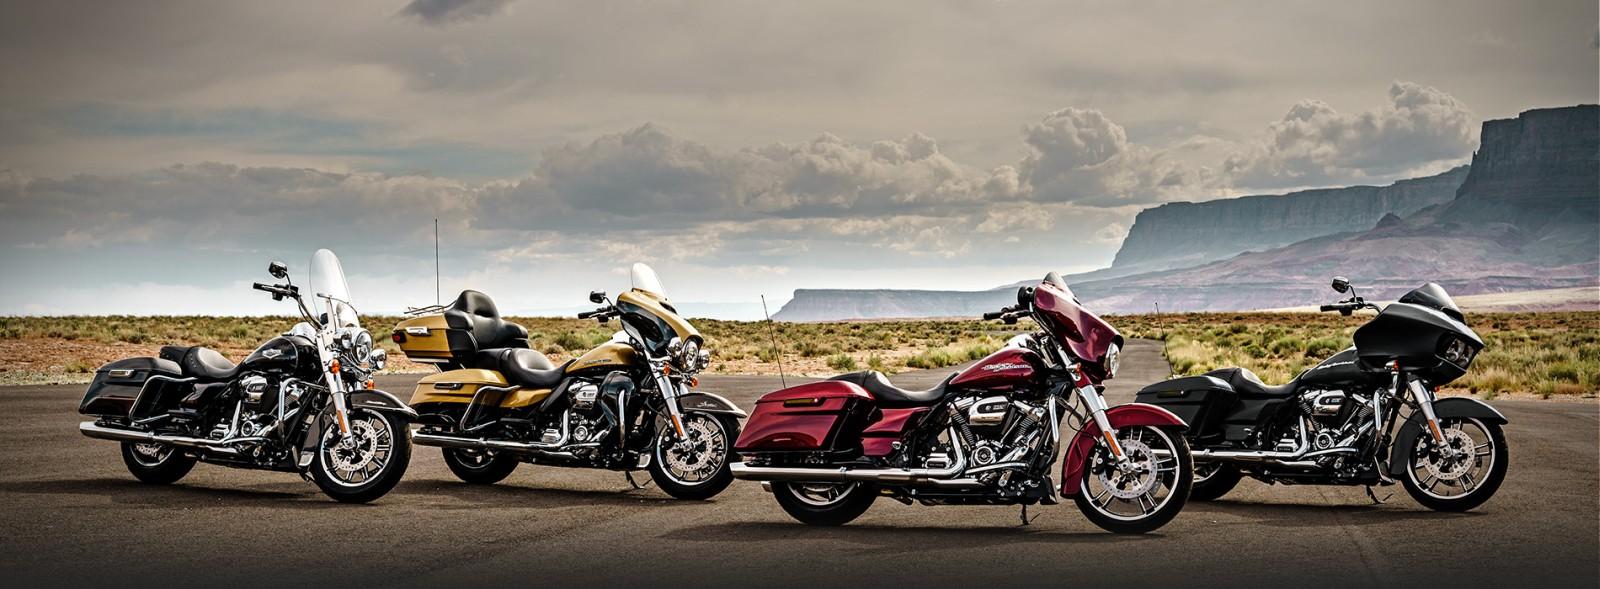 2017- Harley Davidson -Touring (2)